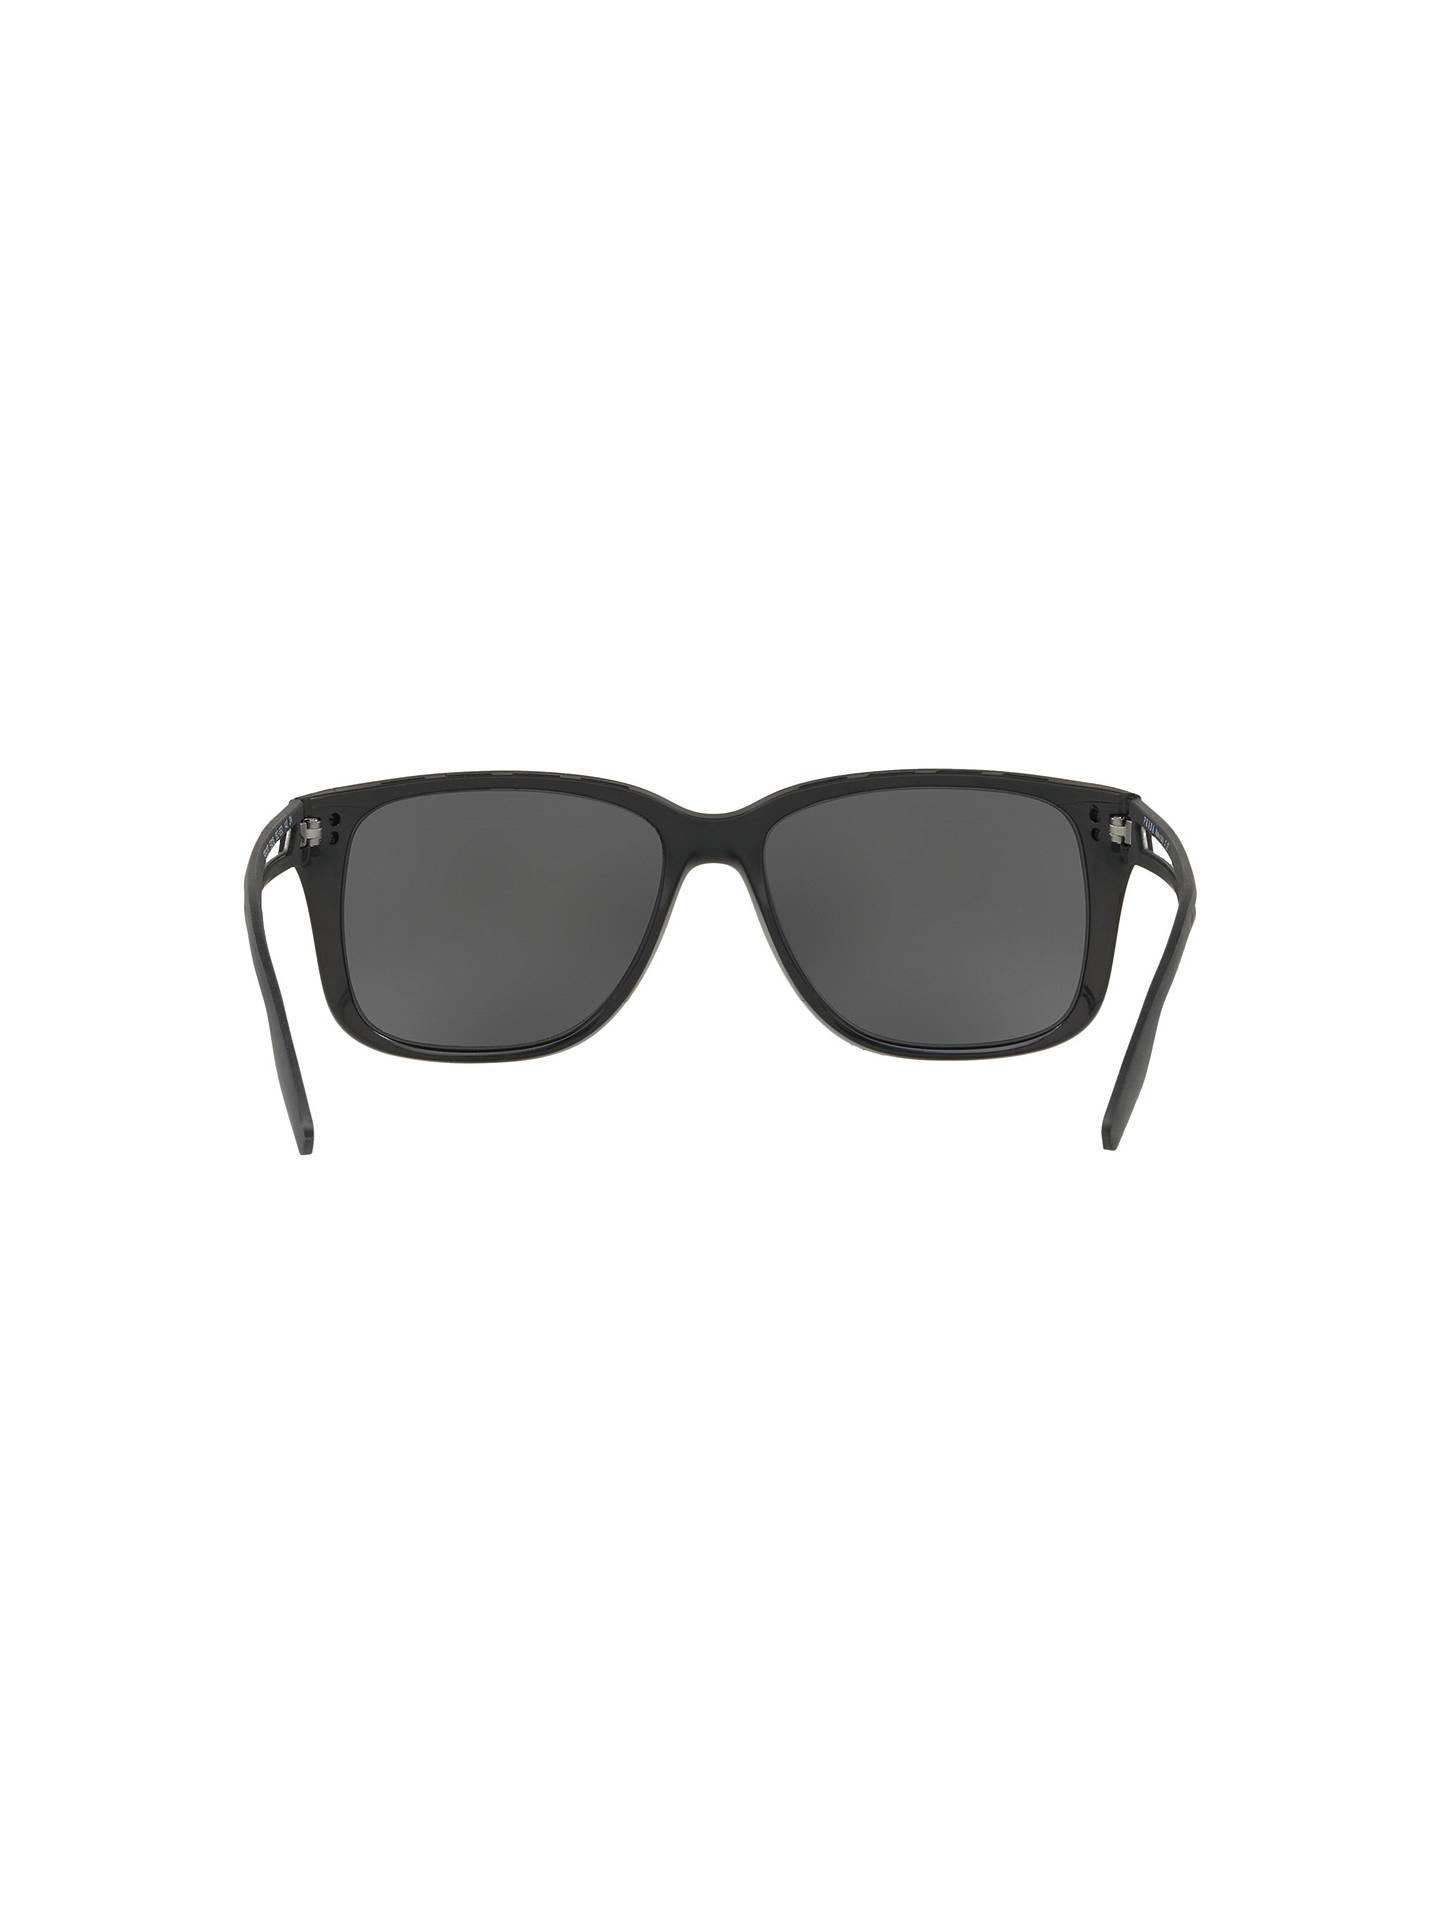 a6be923ce6 ... Buy Prada Linea Rossa PS 03TS Rectangular Sunglasses